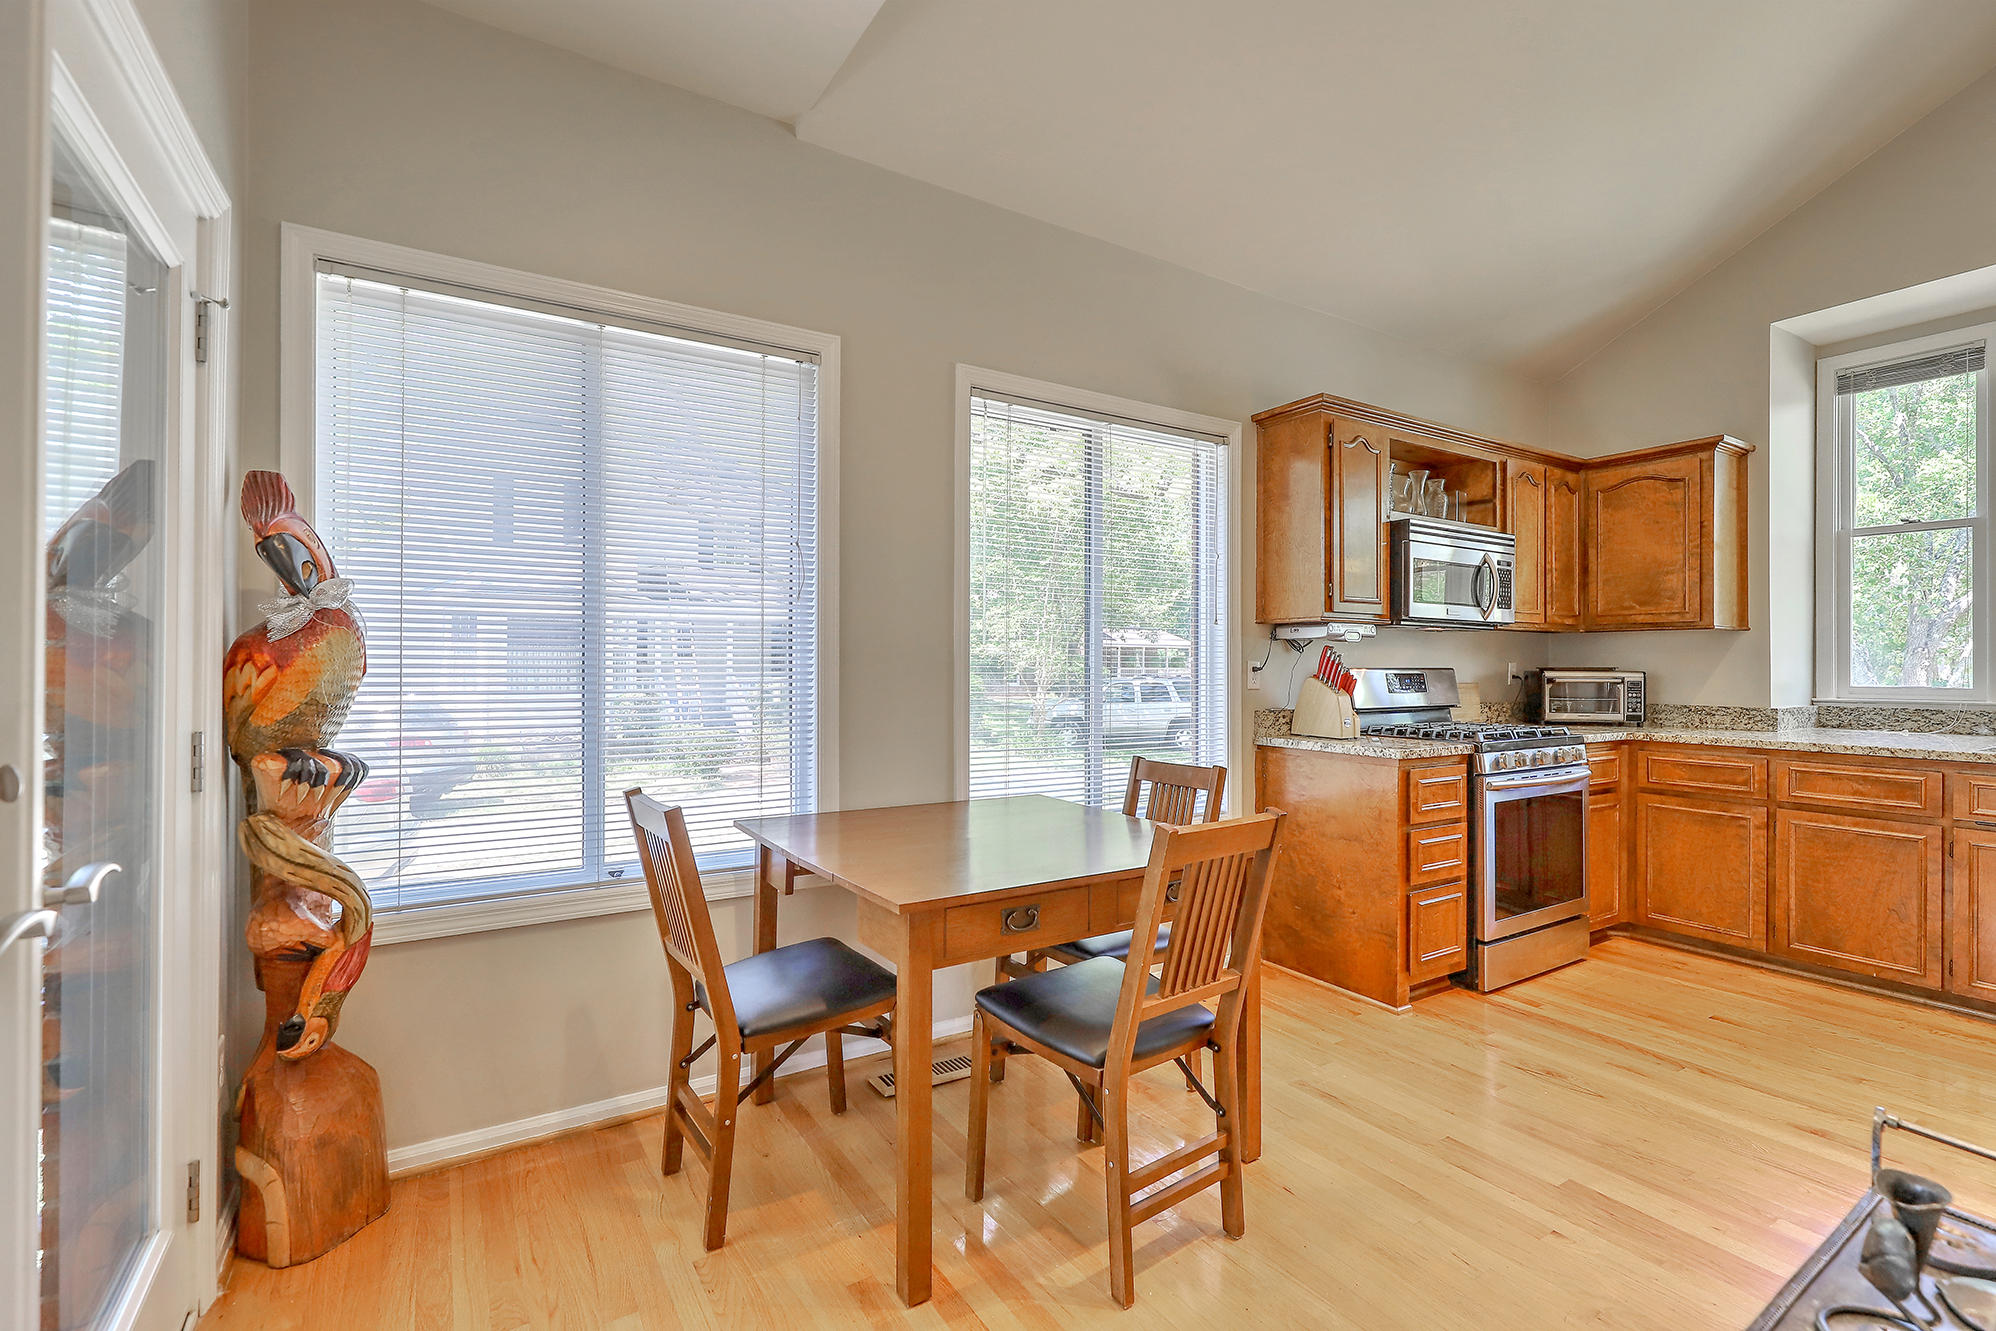 Wakendaw Lakes Homes For Sale - 640 Serotina, Mount Pleasant, SC - 0